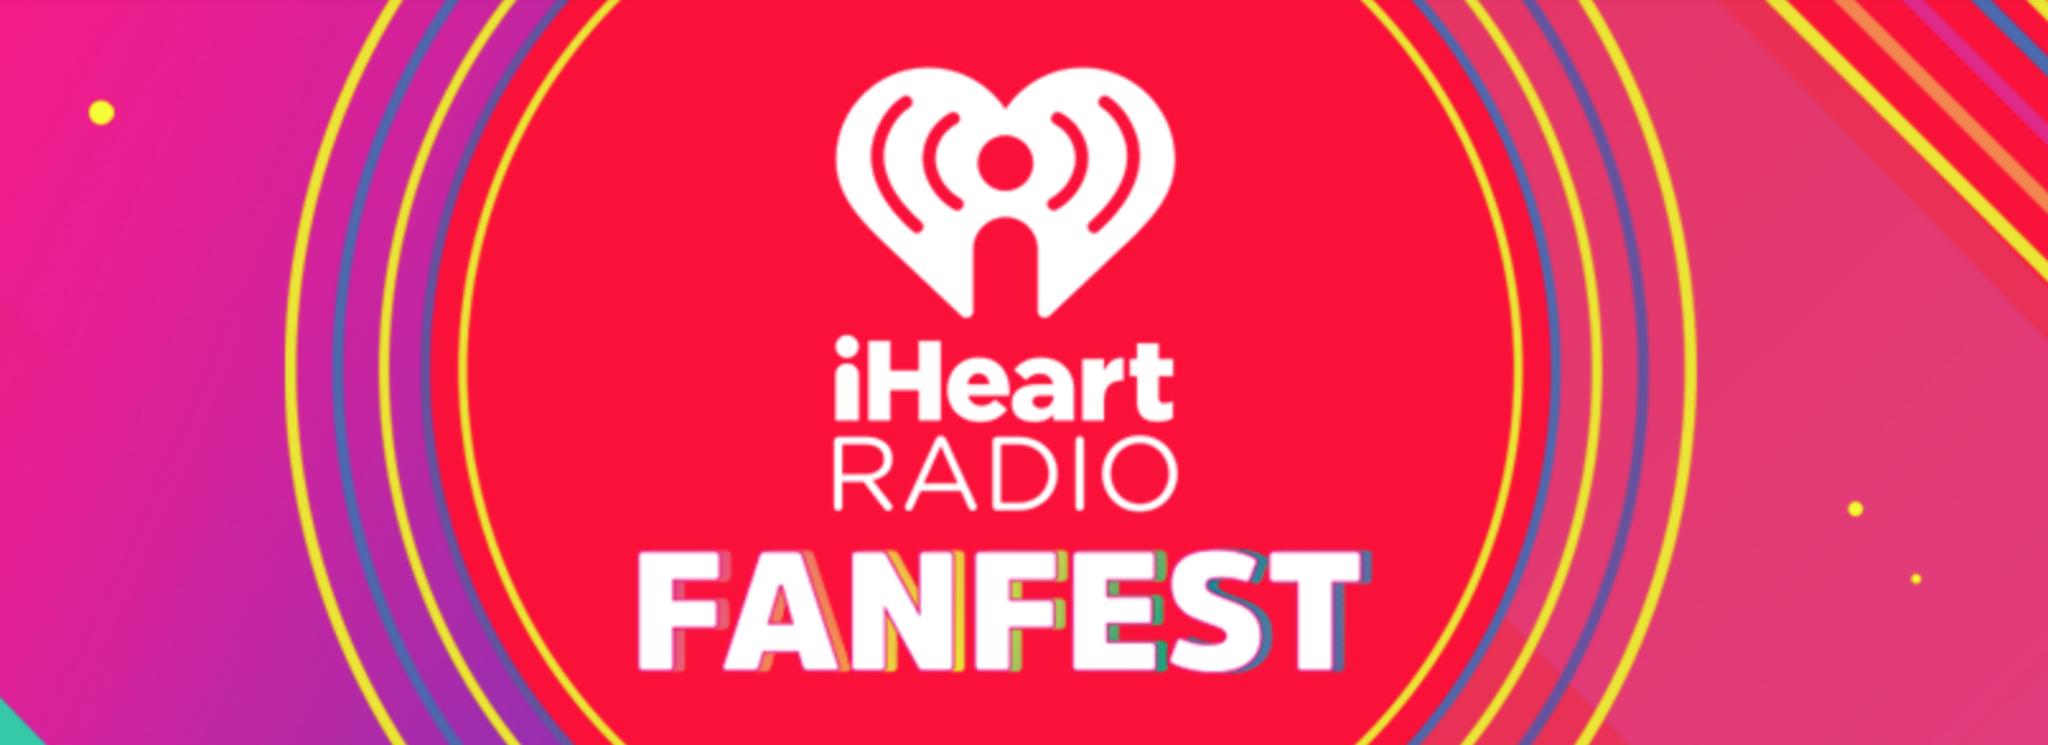 iHeartRadio FanFest 2019